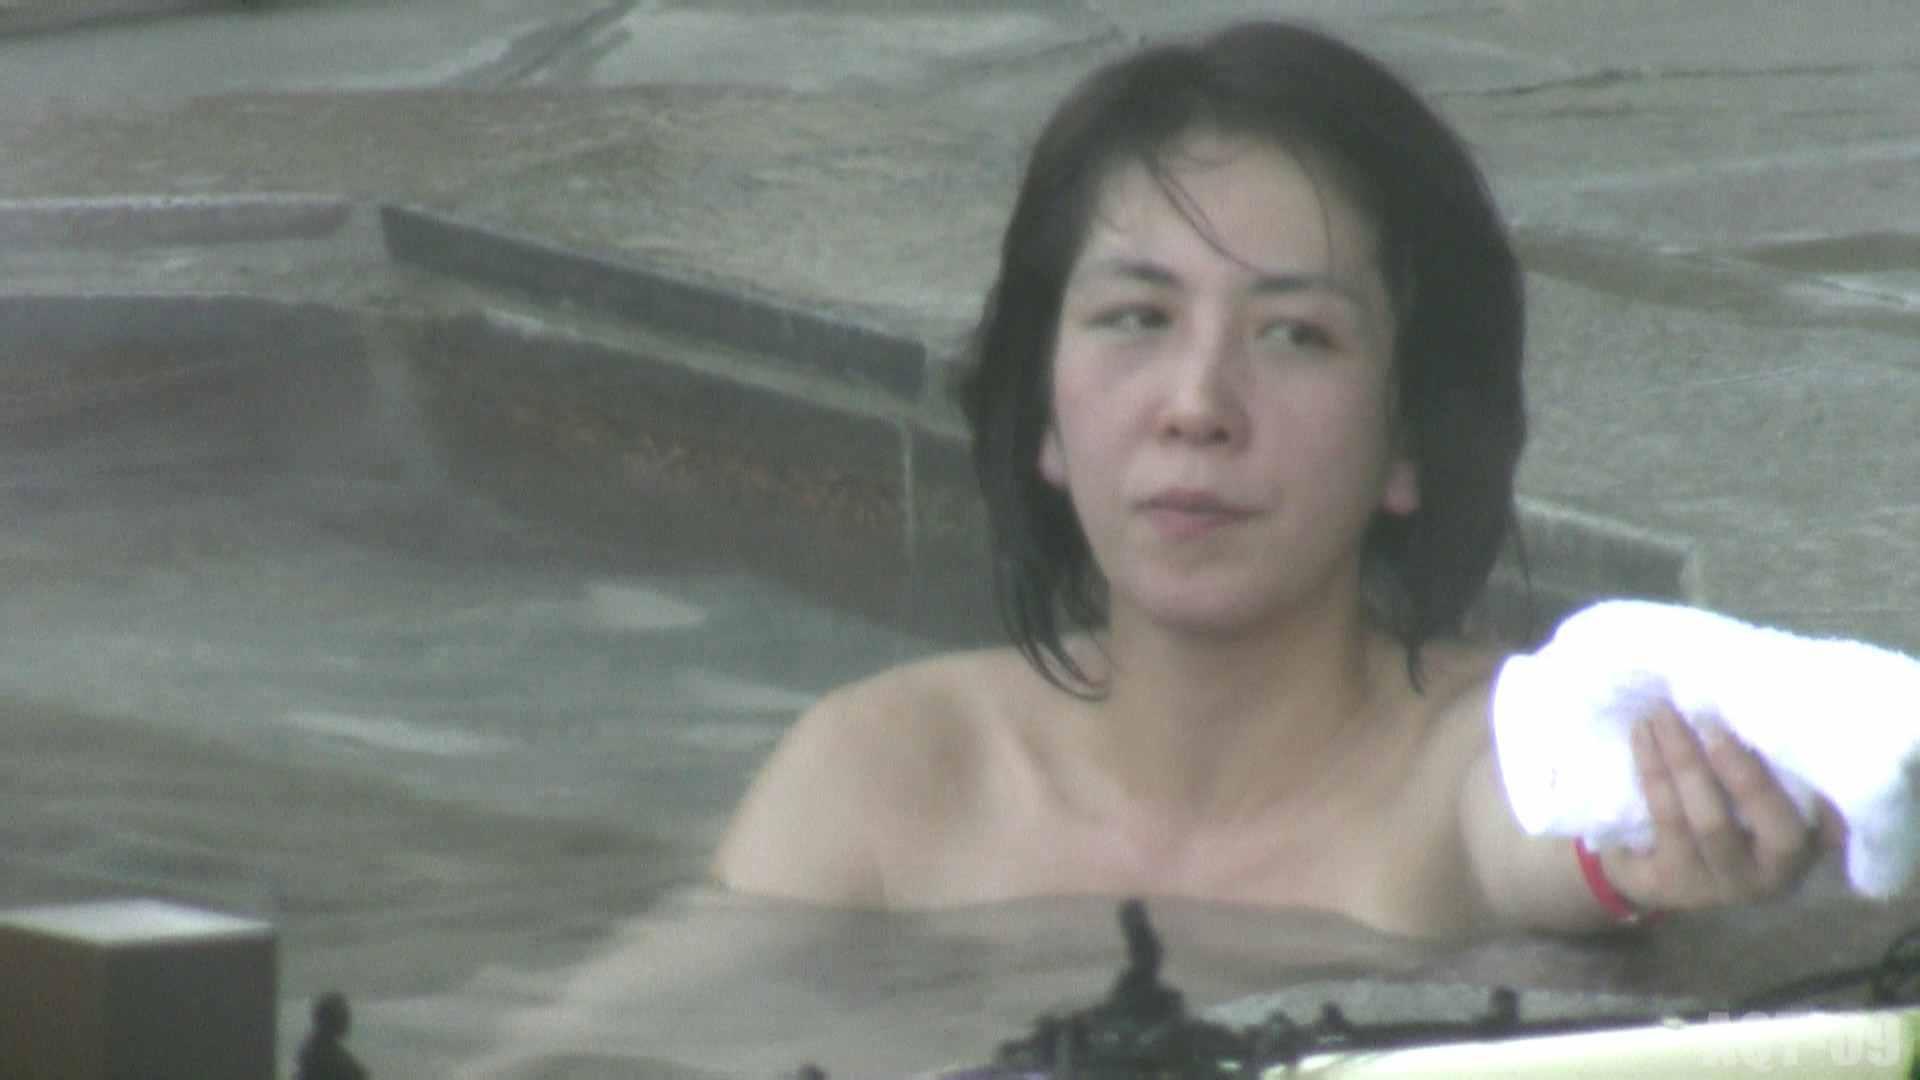 Aquaな露天風呂Vol.788 露天  48PICs 18